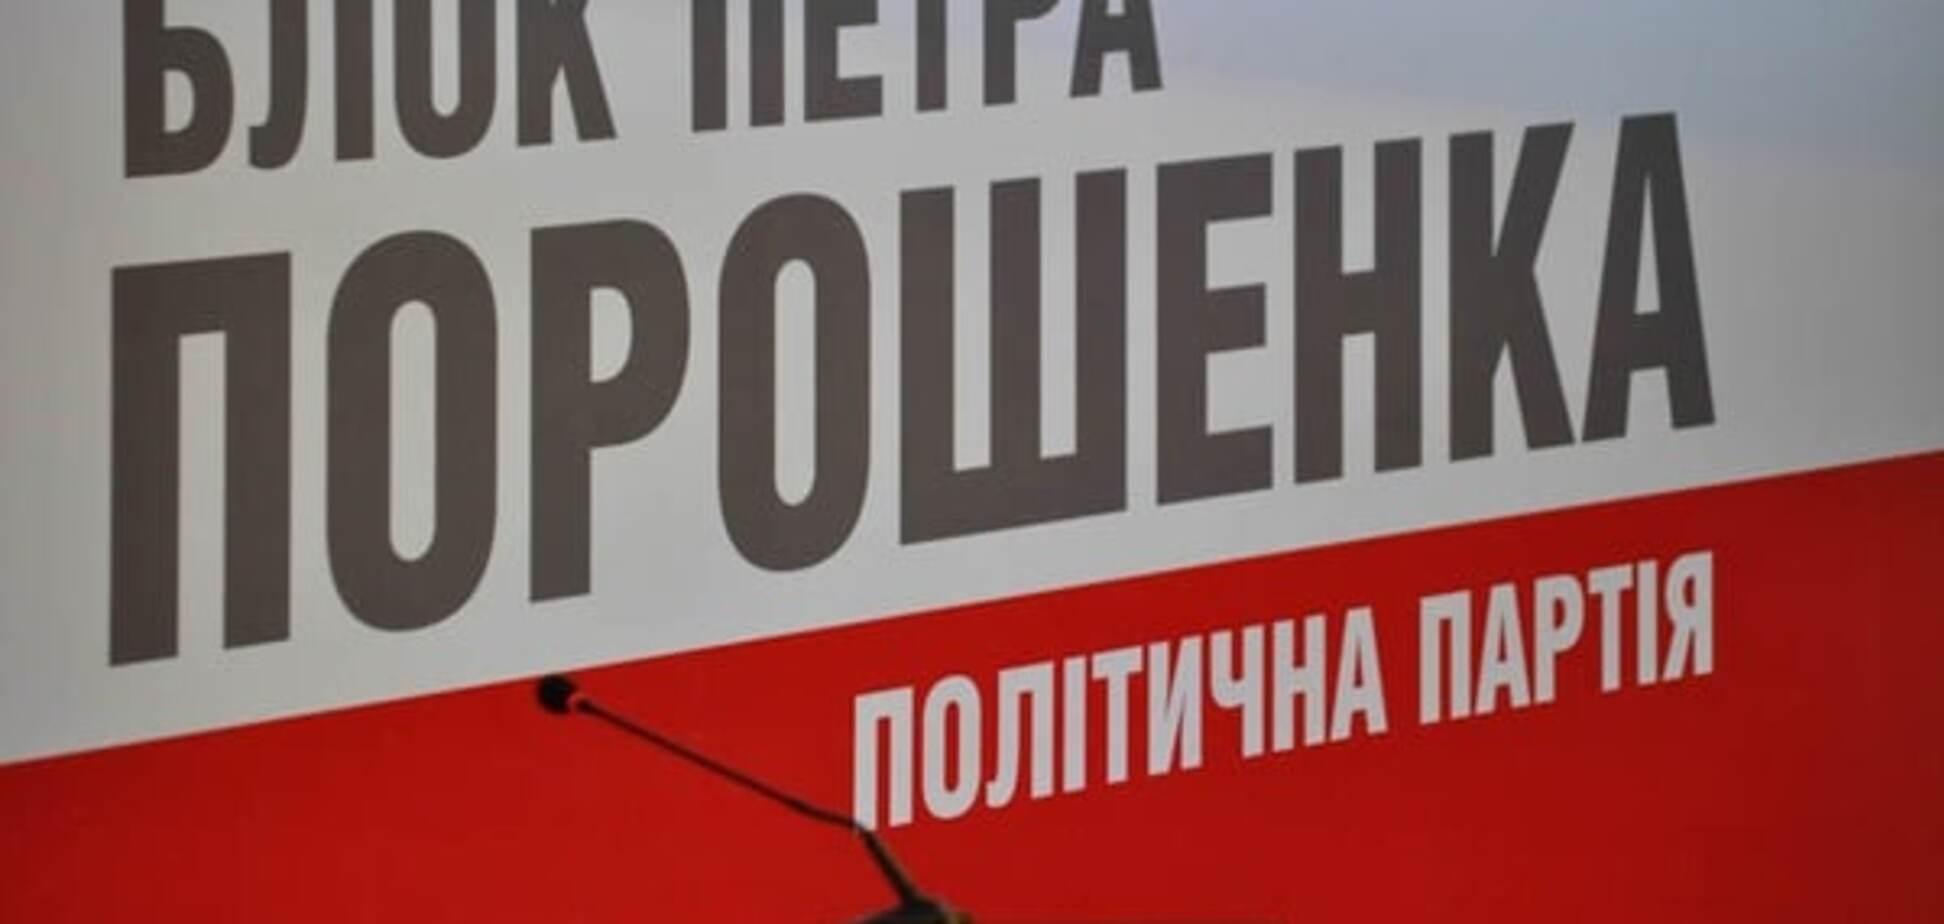 'Від тушкодрому просто нудить': БПП викрили в порушенні закону